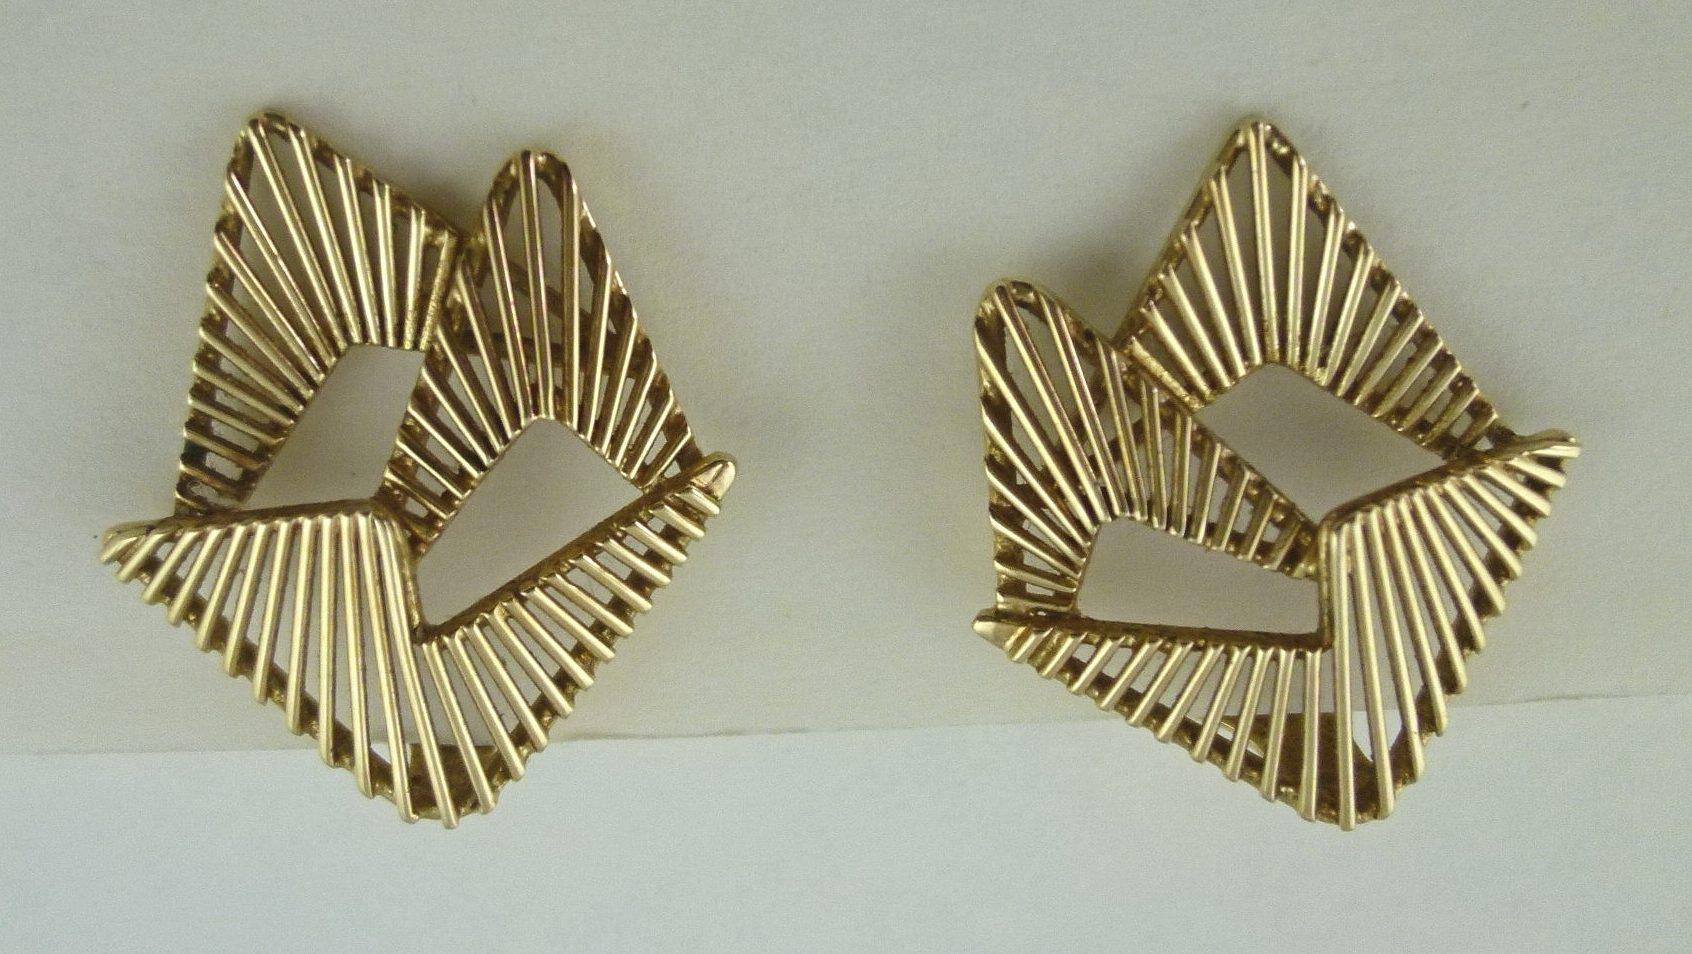 Archibald Dumbar, oorsieraden, 1960-1970. Particuliere verzameling, goud